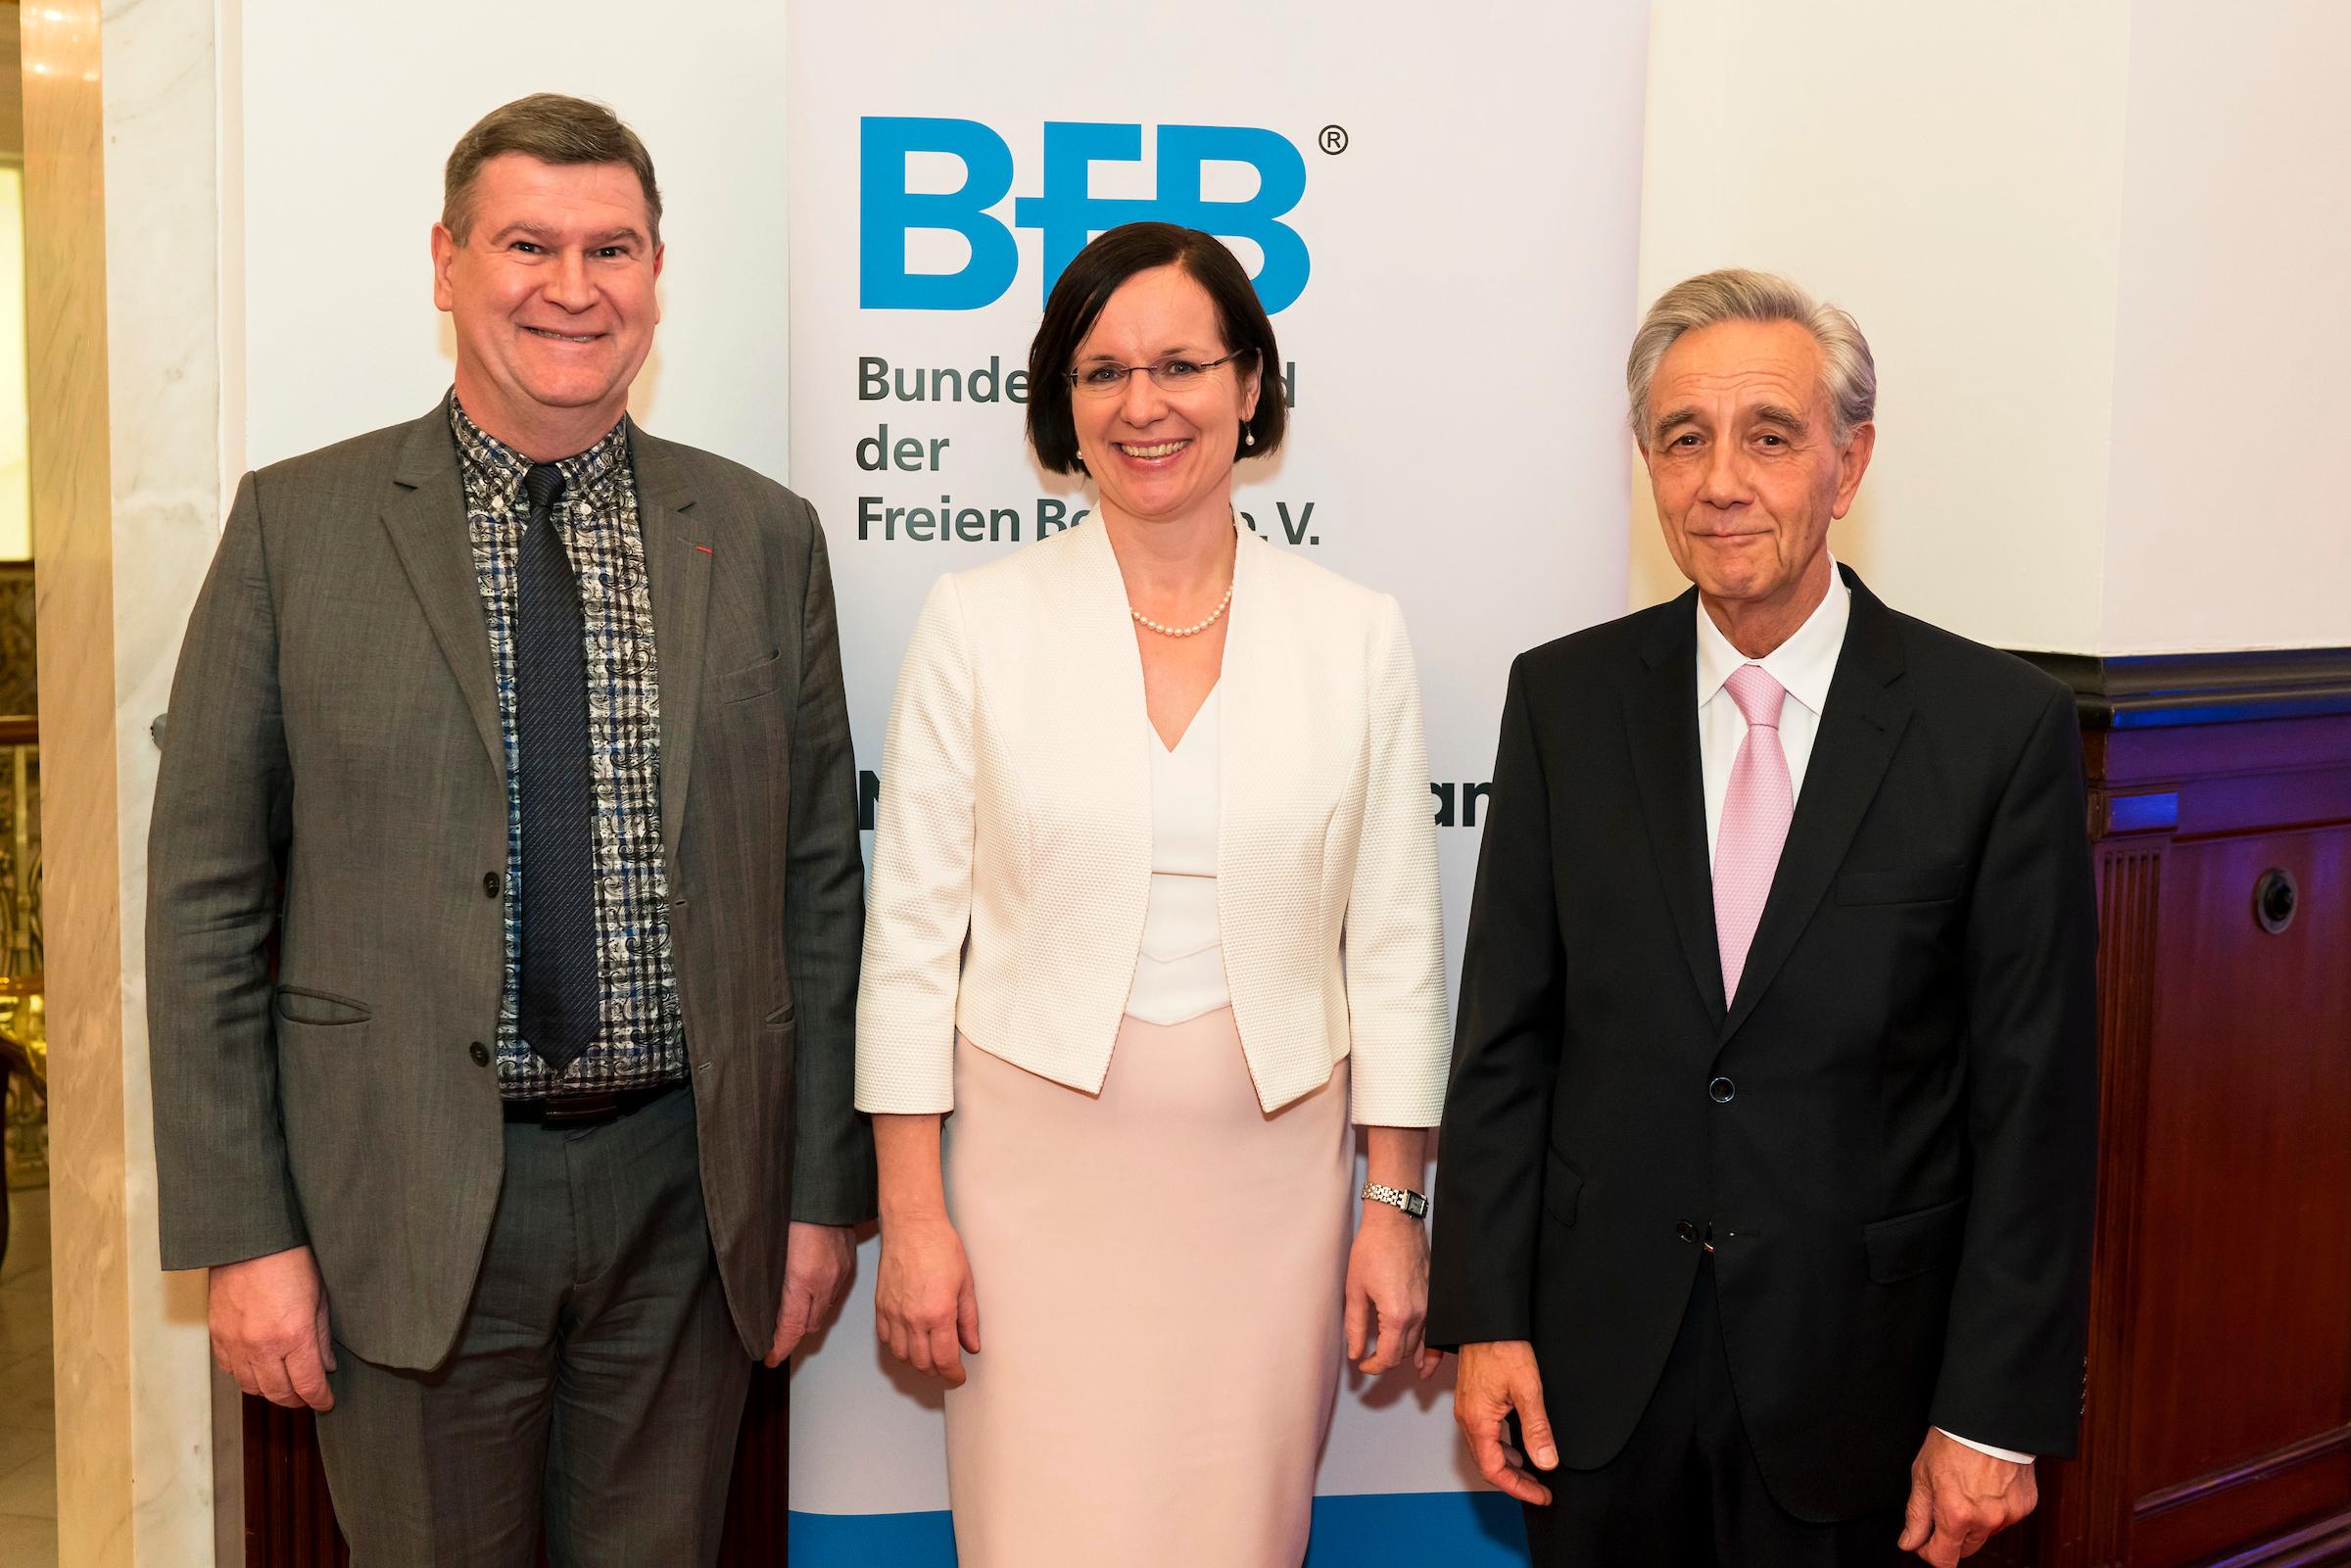 François Blanchecotte présent aux vœux de la BFB au Parlement allemand